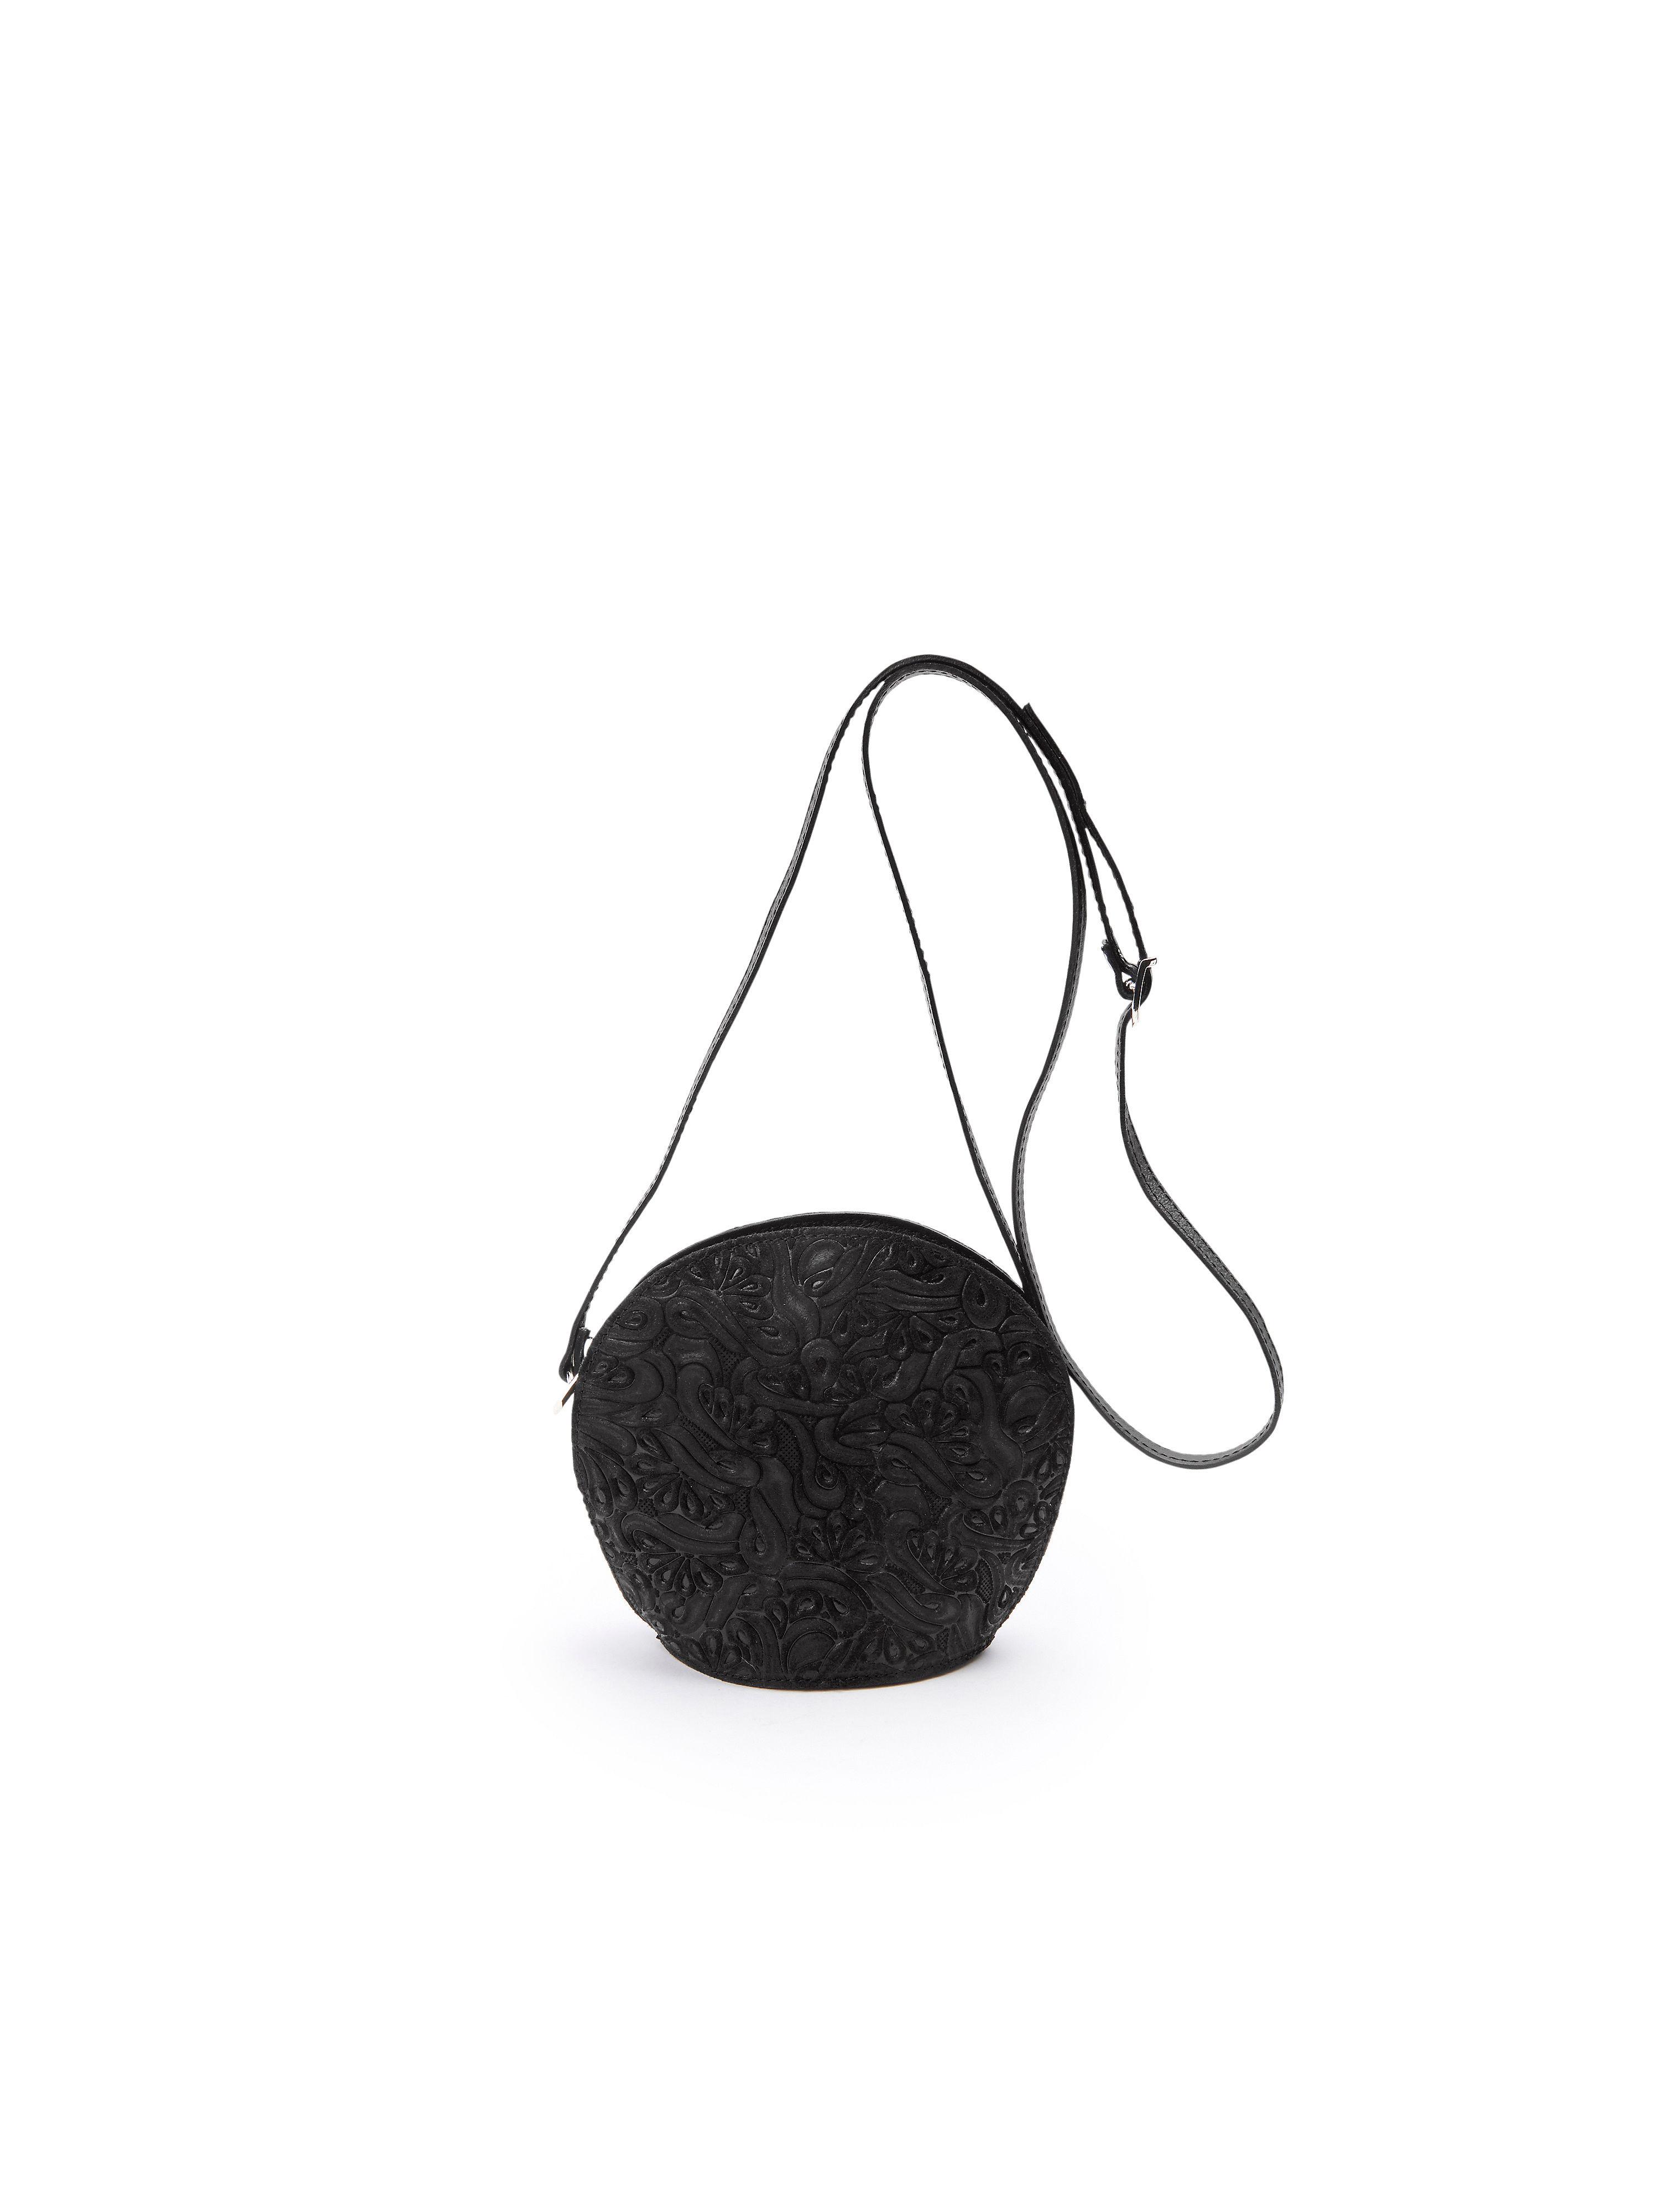 Image of   håndtaske Fra Peter Hahn sort